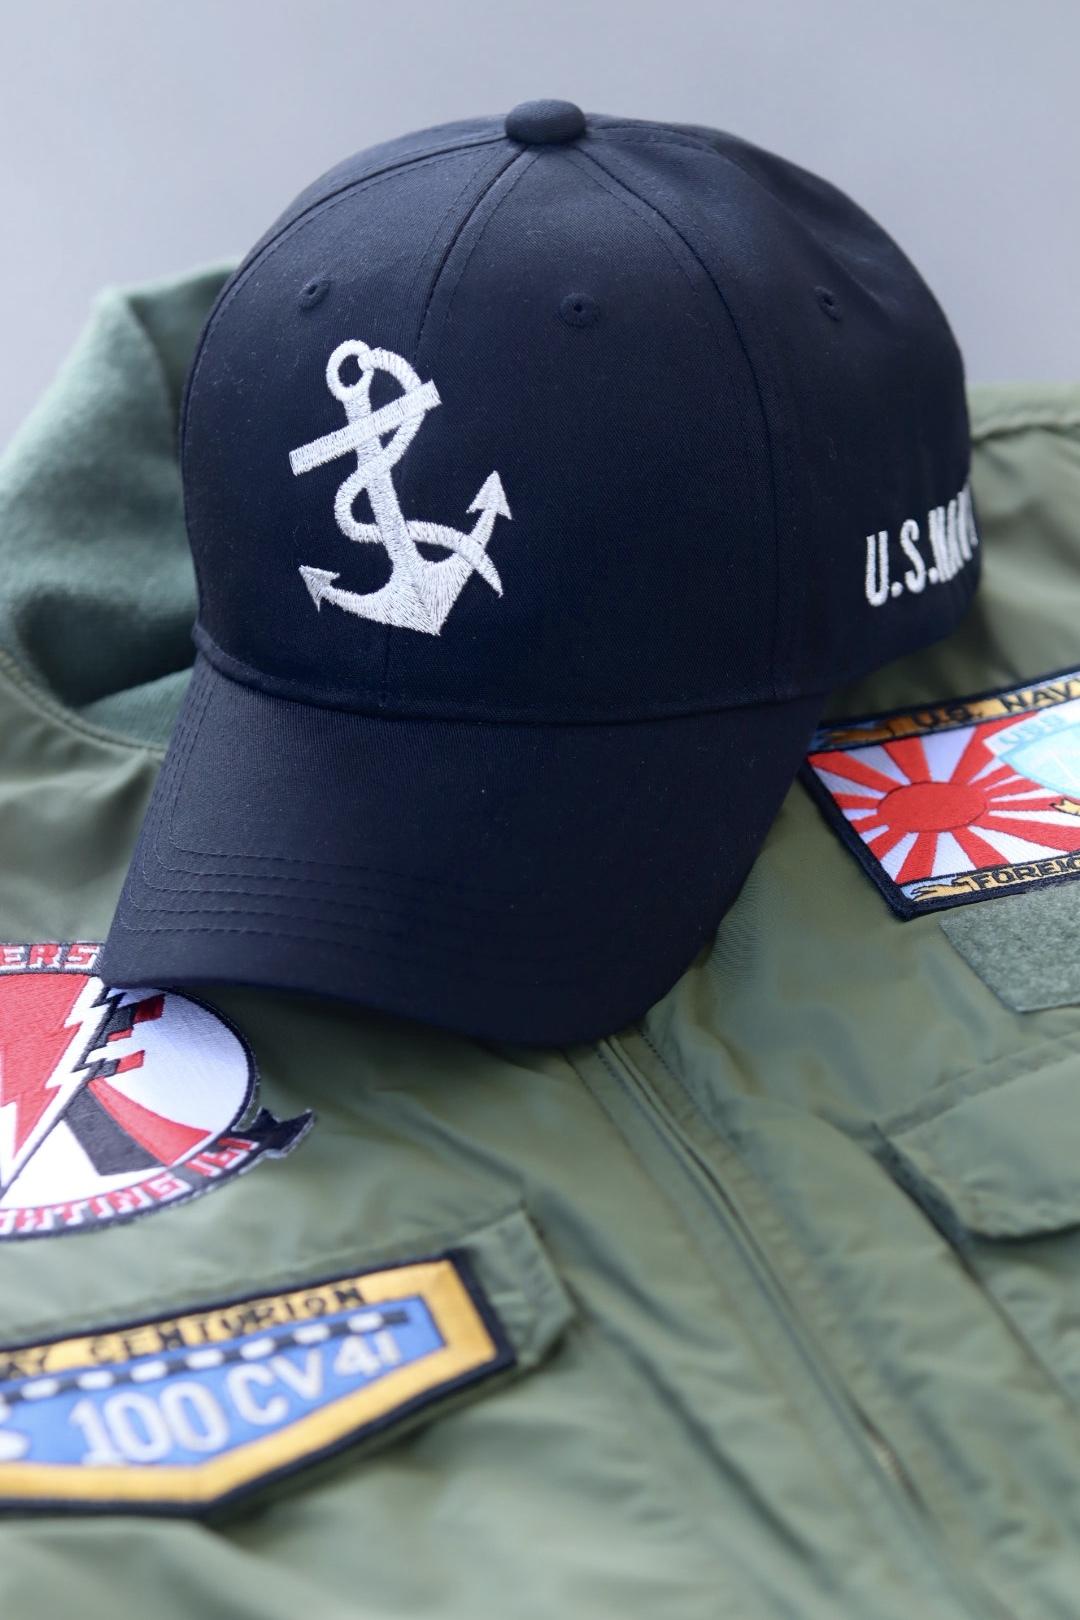 ミリタリー帽子の写真撮り_a0370893_17232371.jpeg